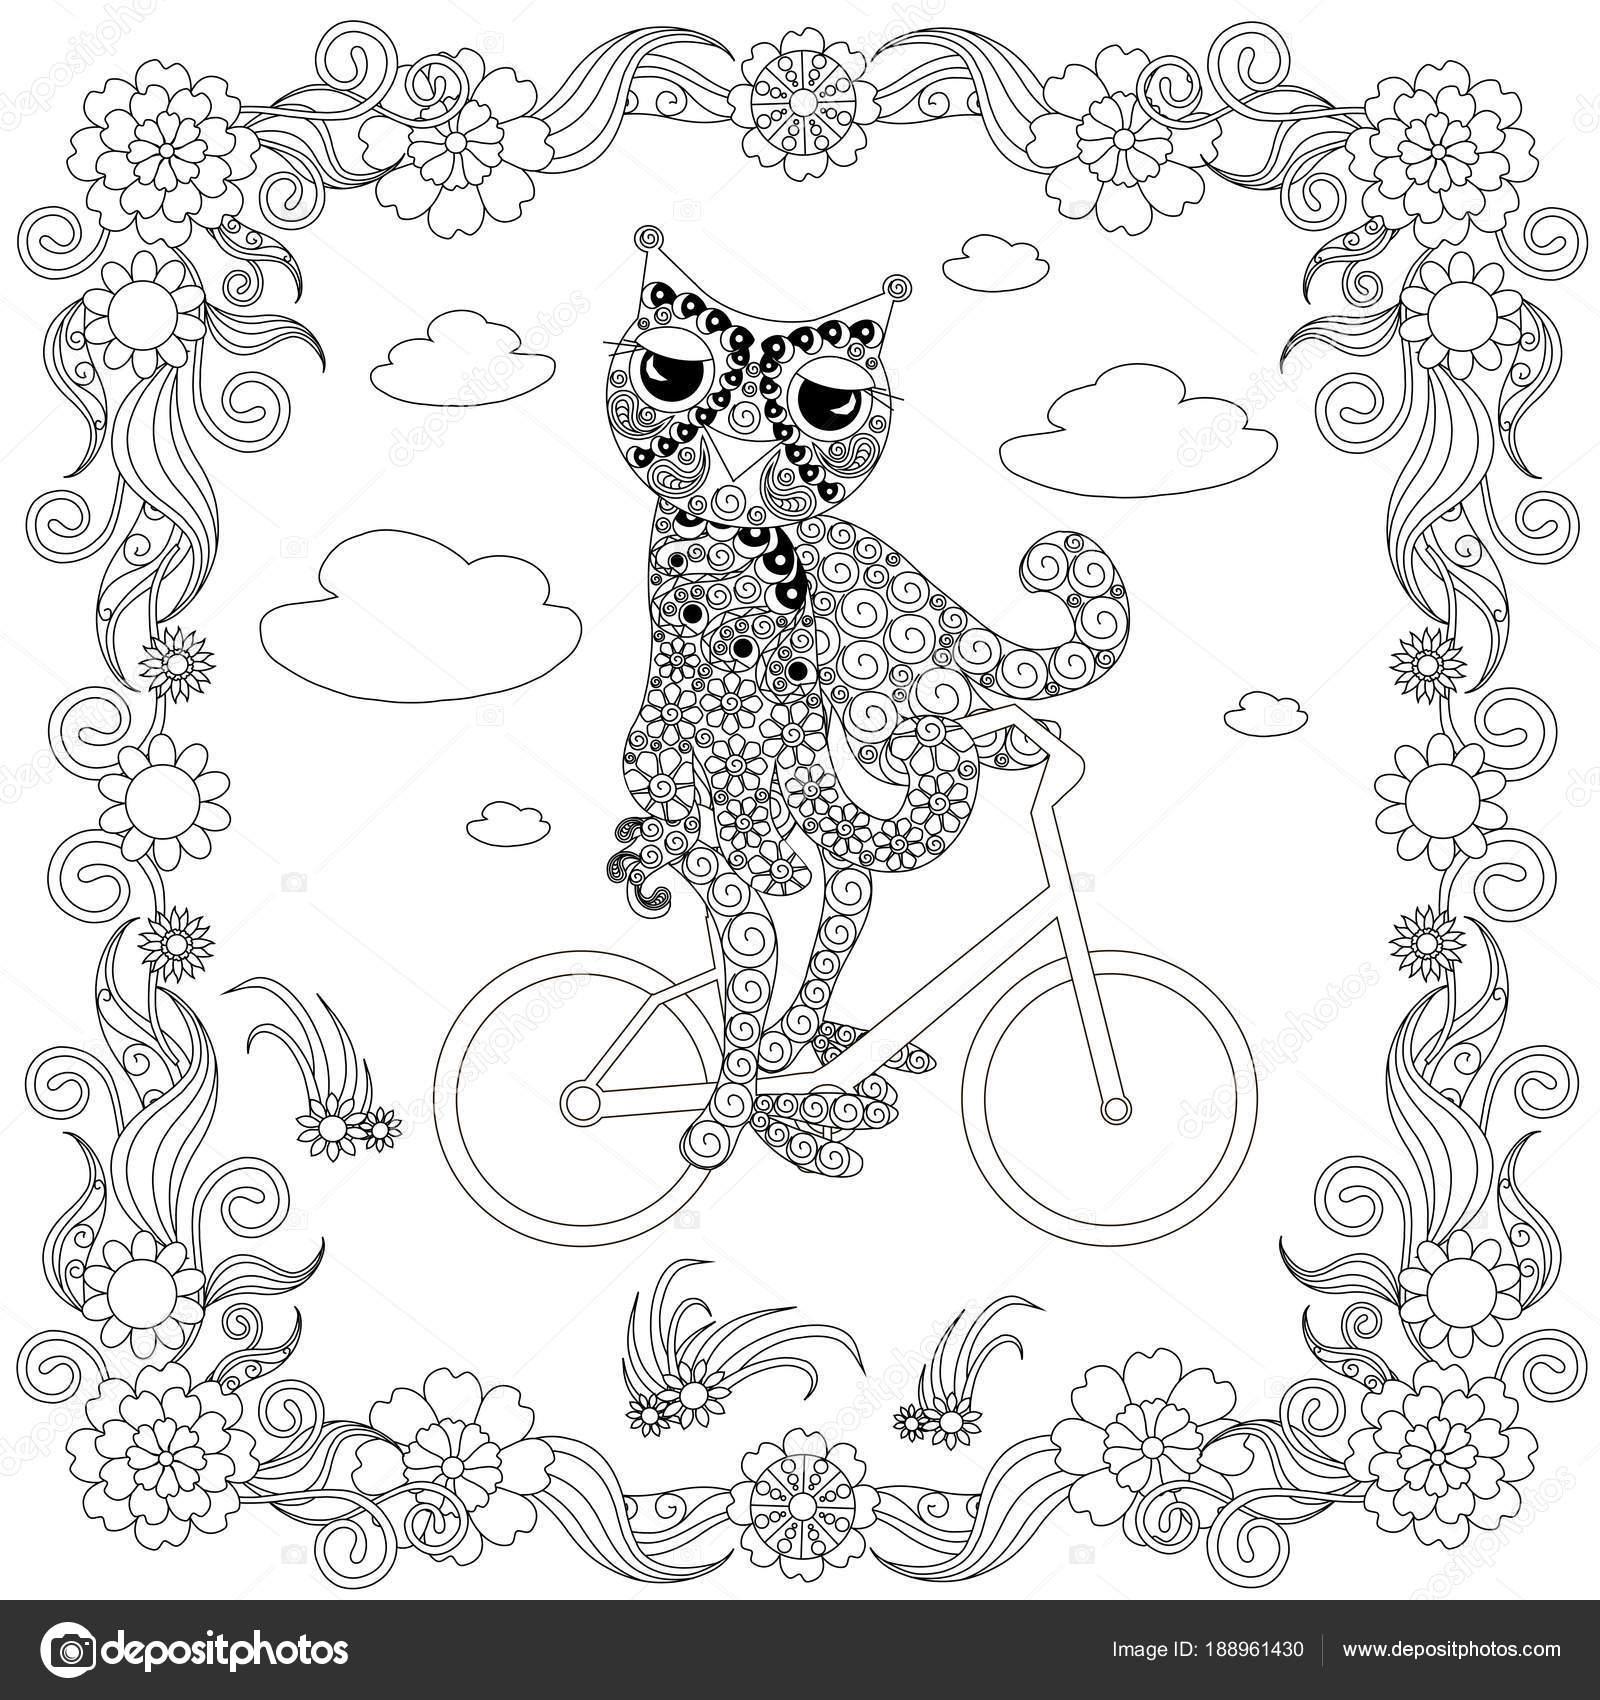 Buho Estilo Zentangle Bicicleta Bosquejo Monocromo Marco Flores ...